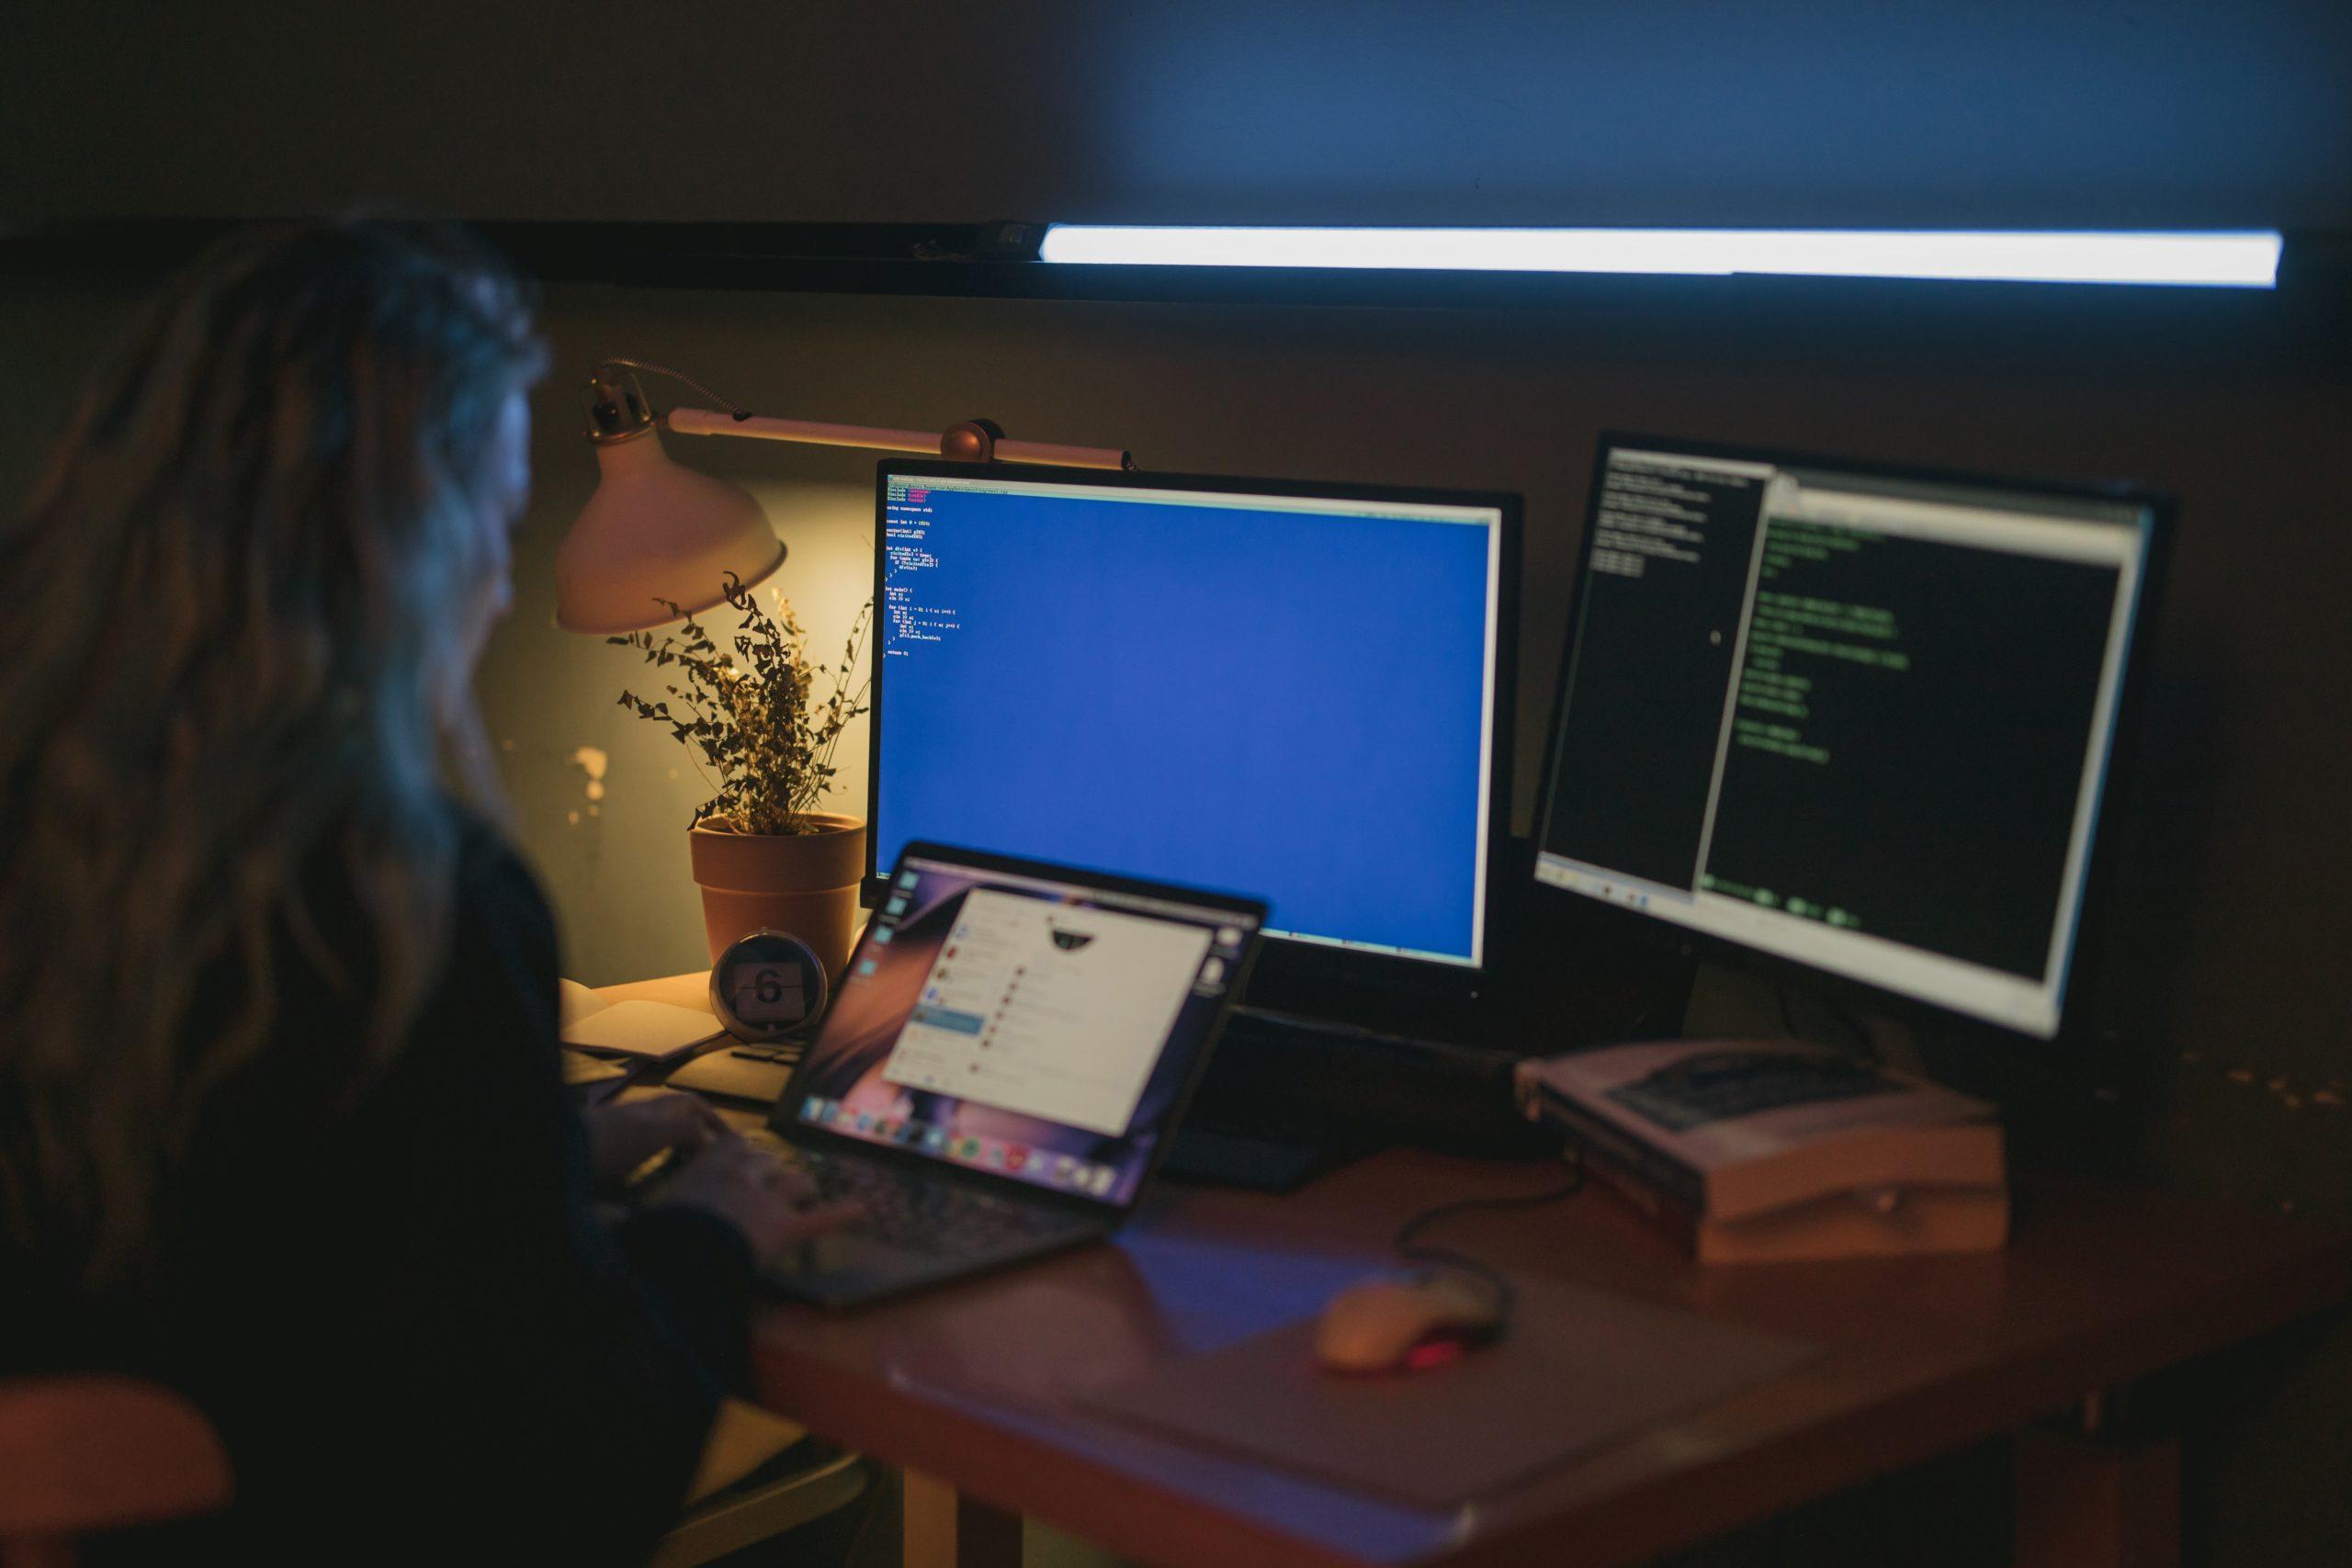 Analyse du Centre pour la Sécurité et les Technologies Émergentes (CSET) de l'université de Georgetown pour le développement de talents en IA